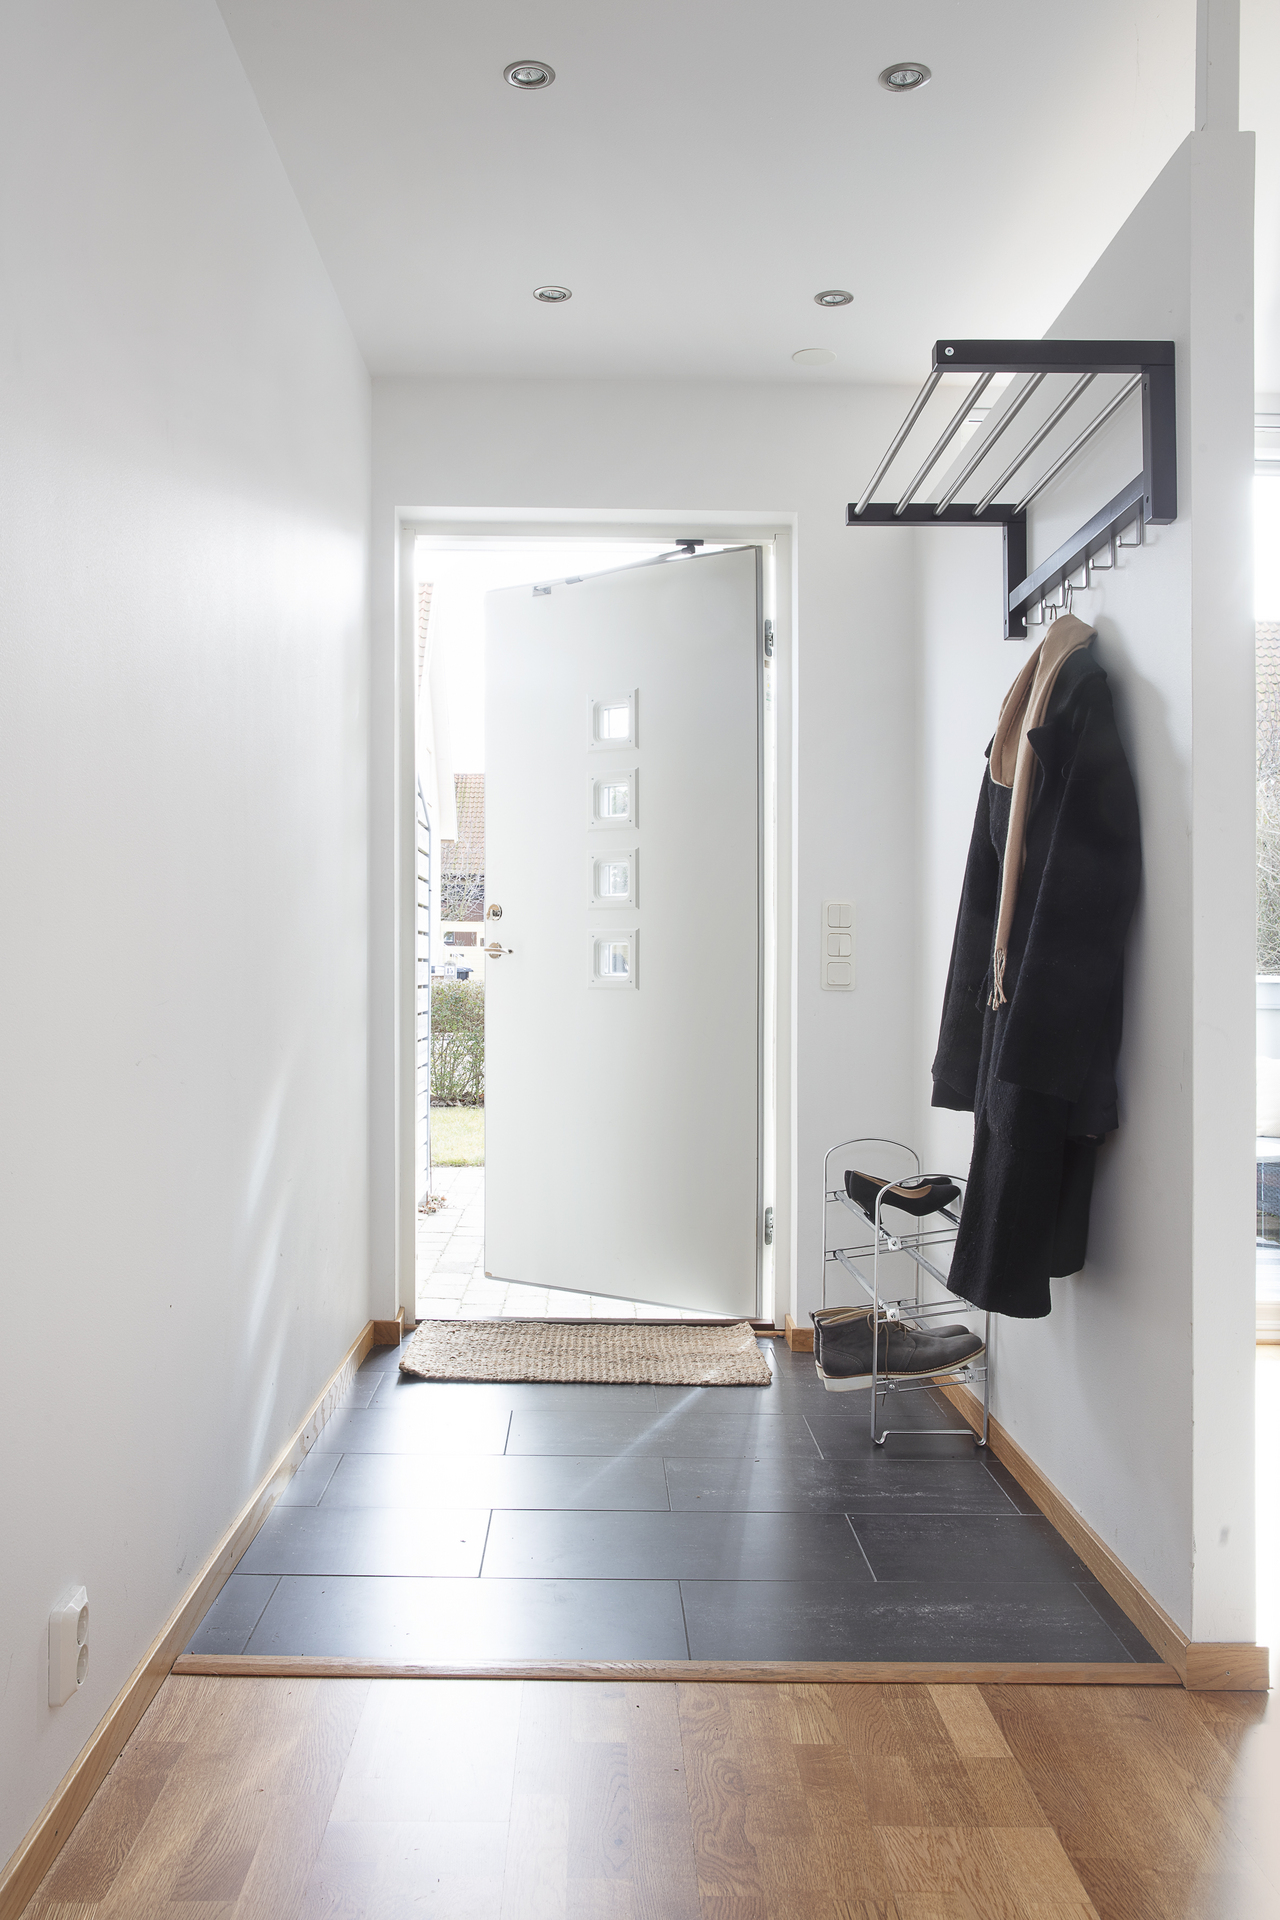 Entré med klinkers på golvet och integrerade spotlights i taket samt plats för avhägning på vänster sida